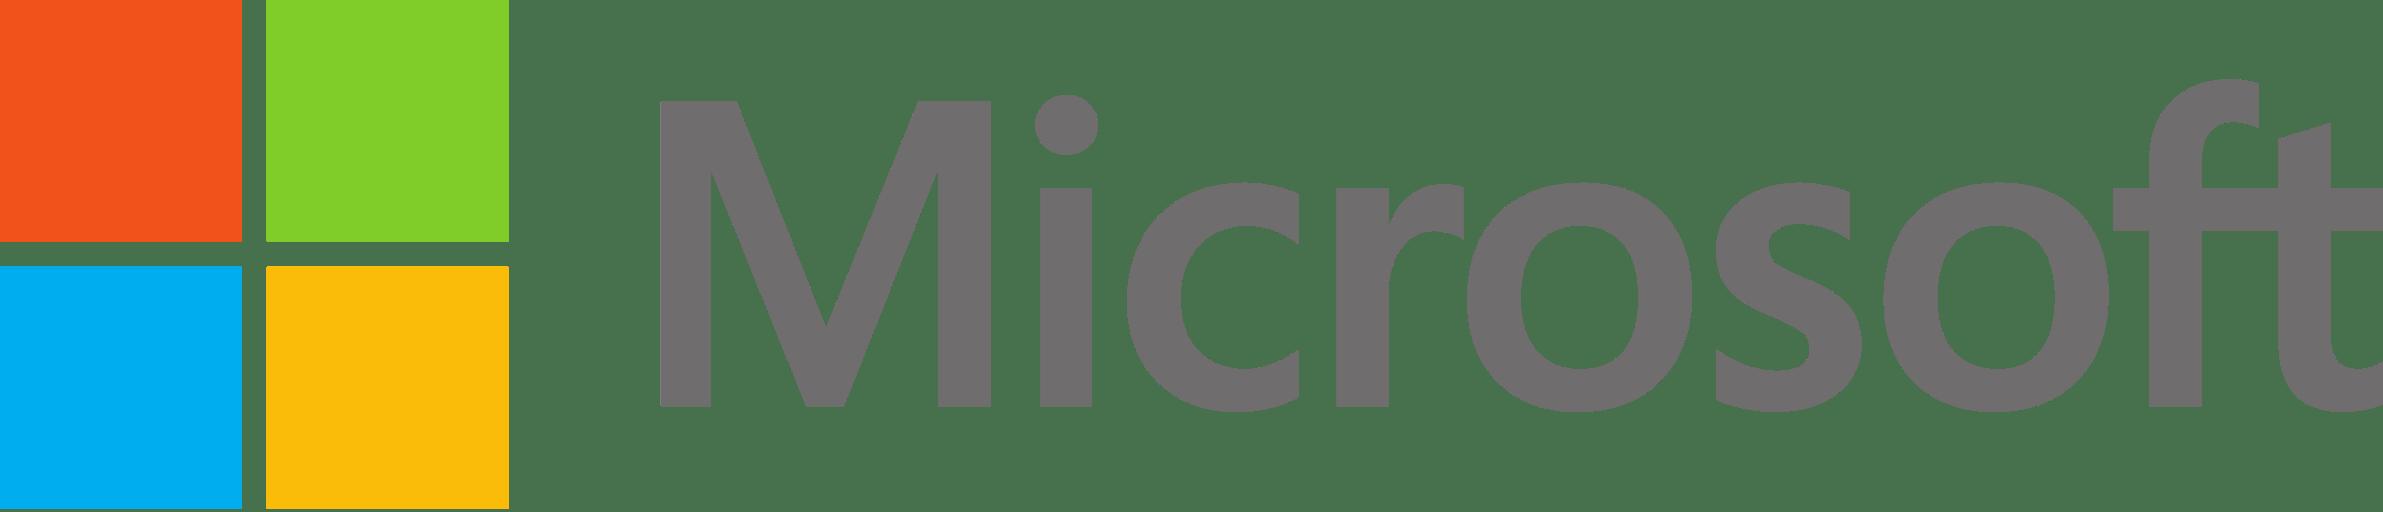 Logo Microsoft PNG transparente - StickPNG